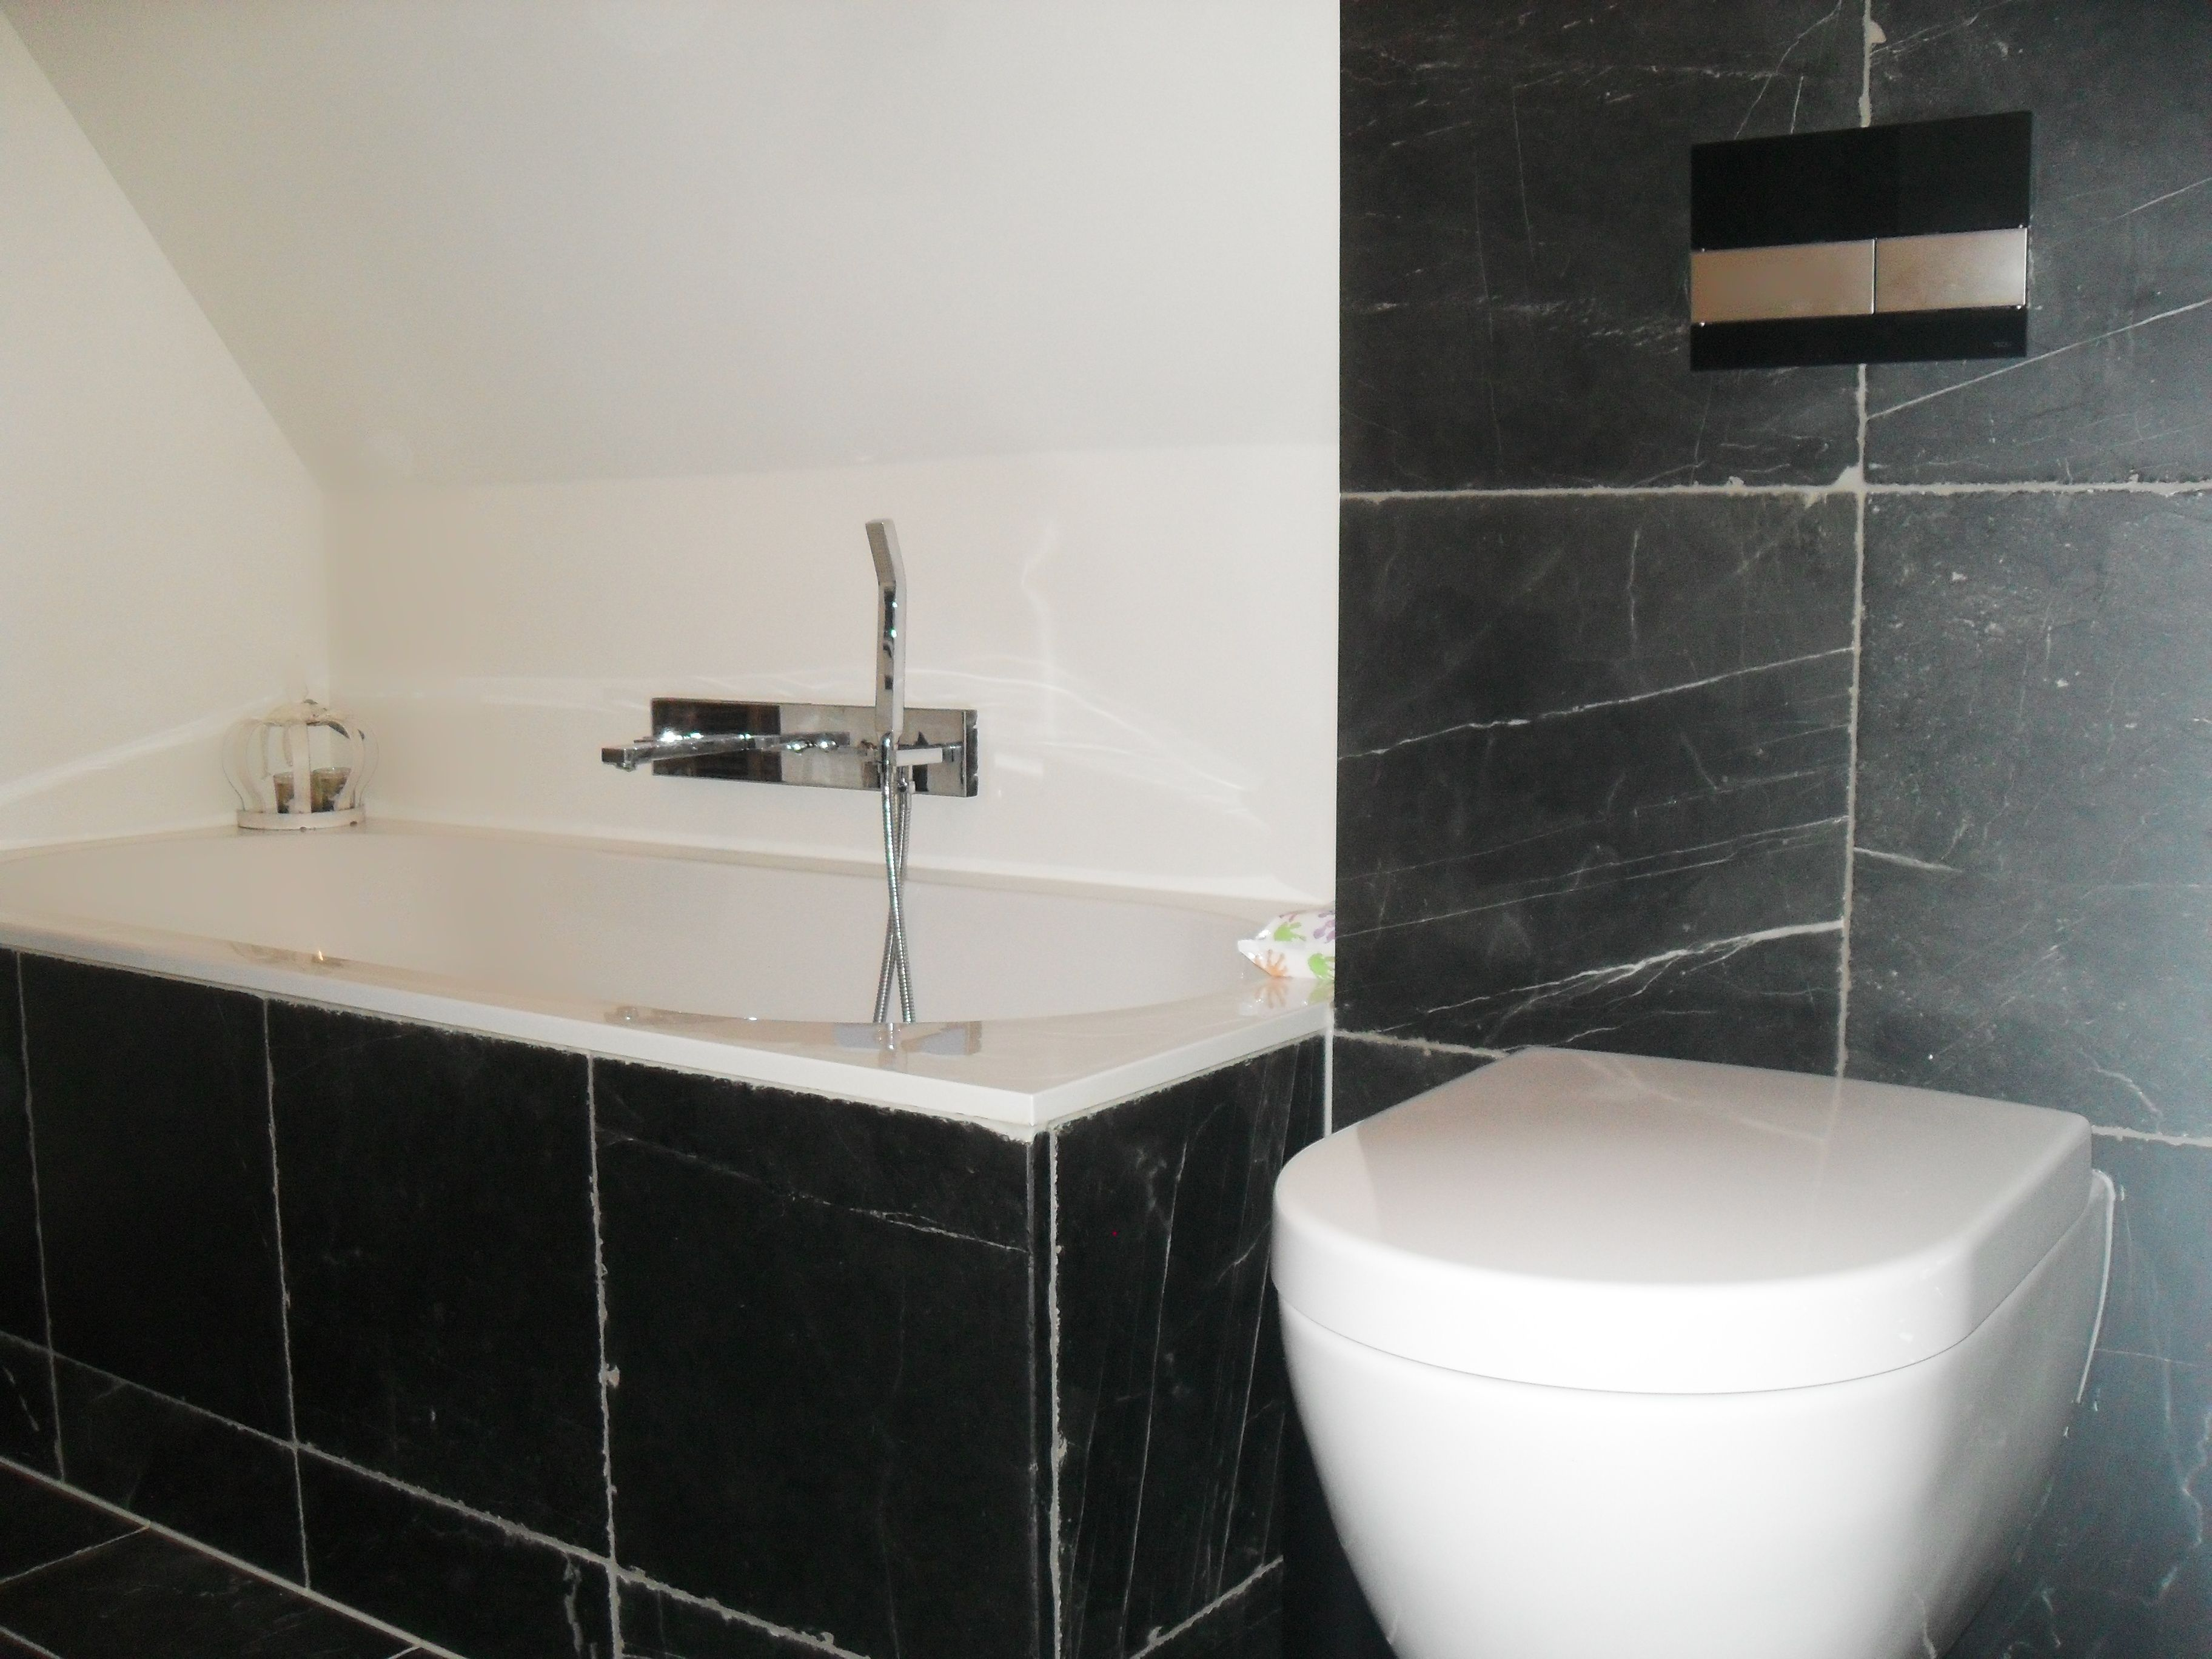 badkamer in verouderd hardsteen te almelo badkamers made by